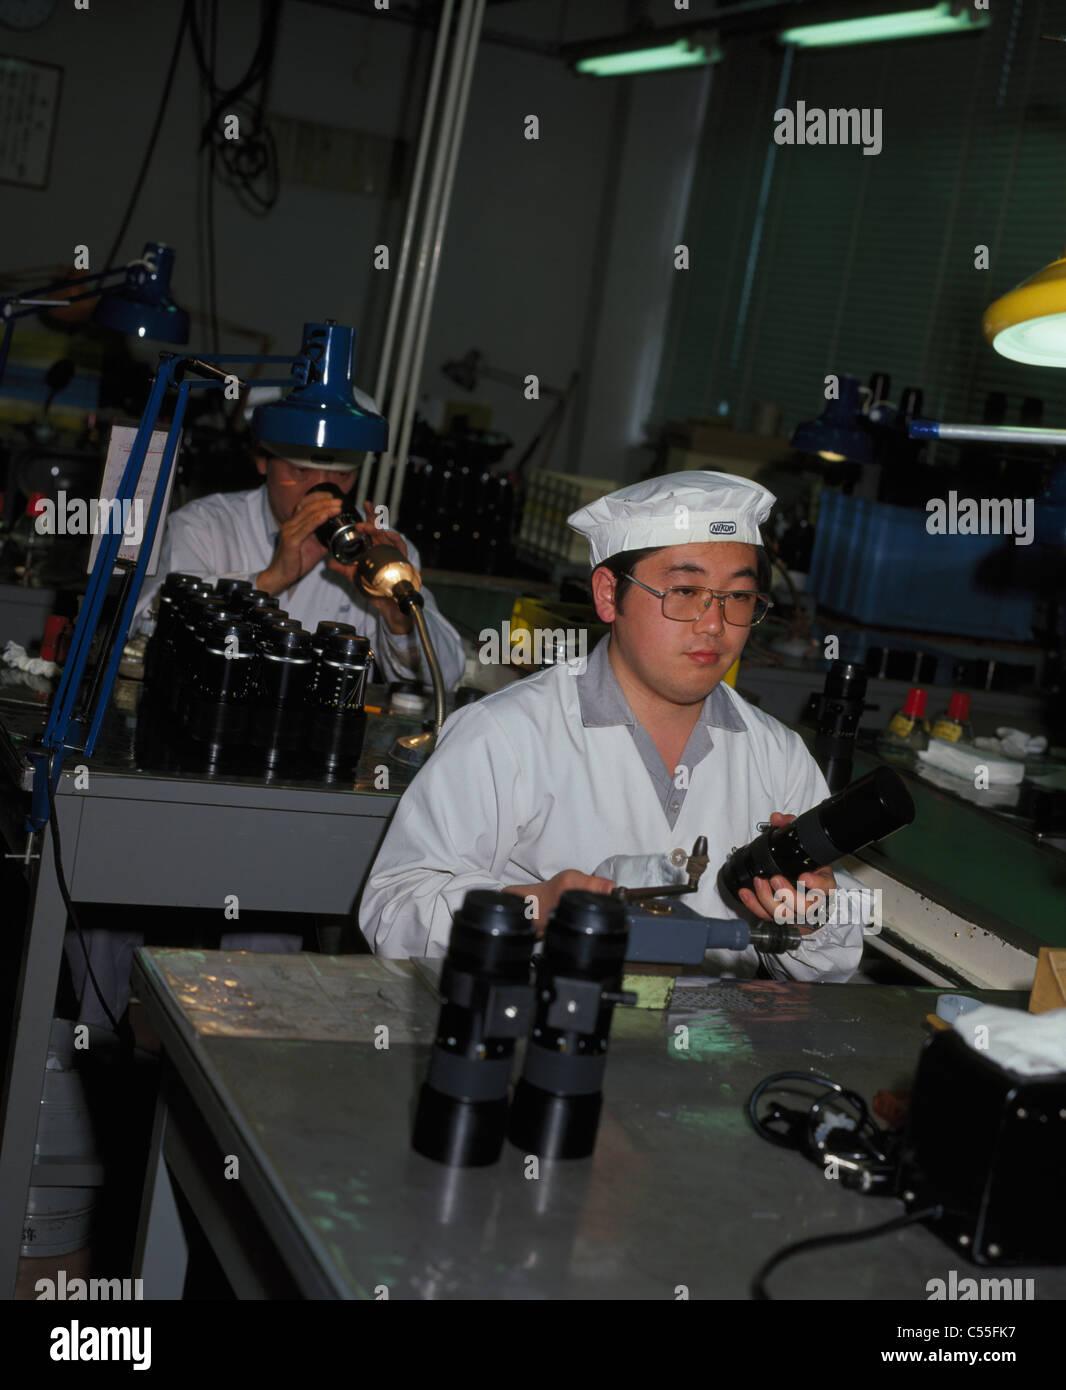 Japon, Tokyo, ouvriers d'usine produisant les objectifs d'appareil photo Banque D'Images